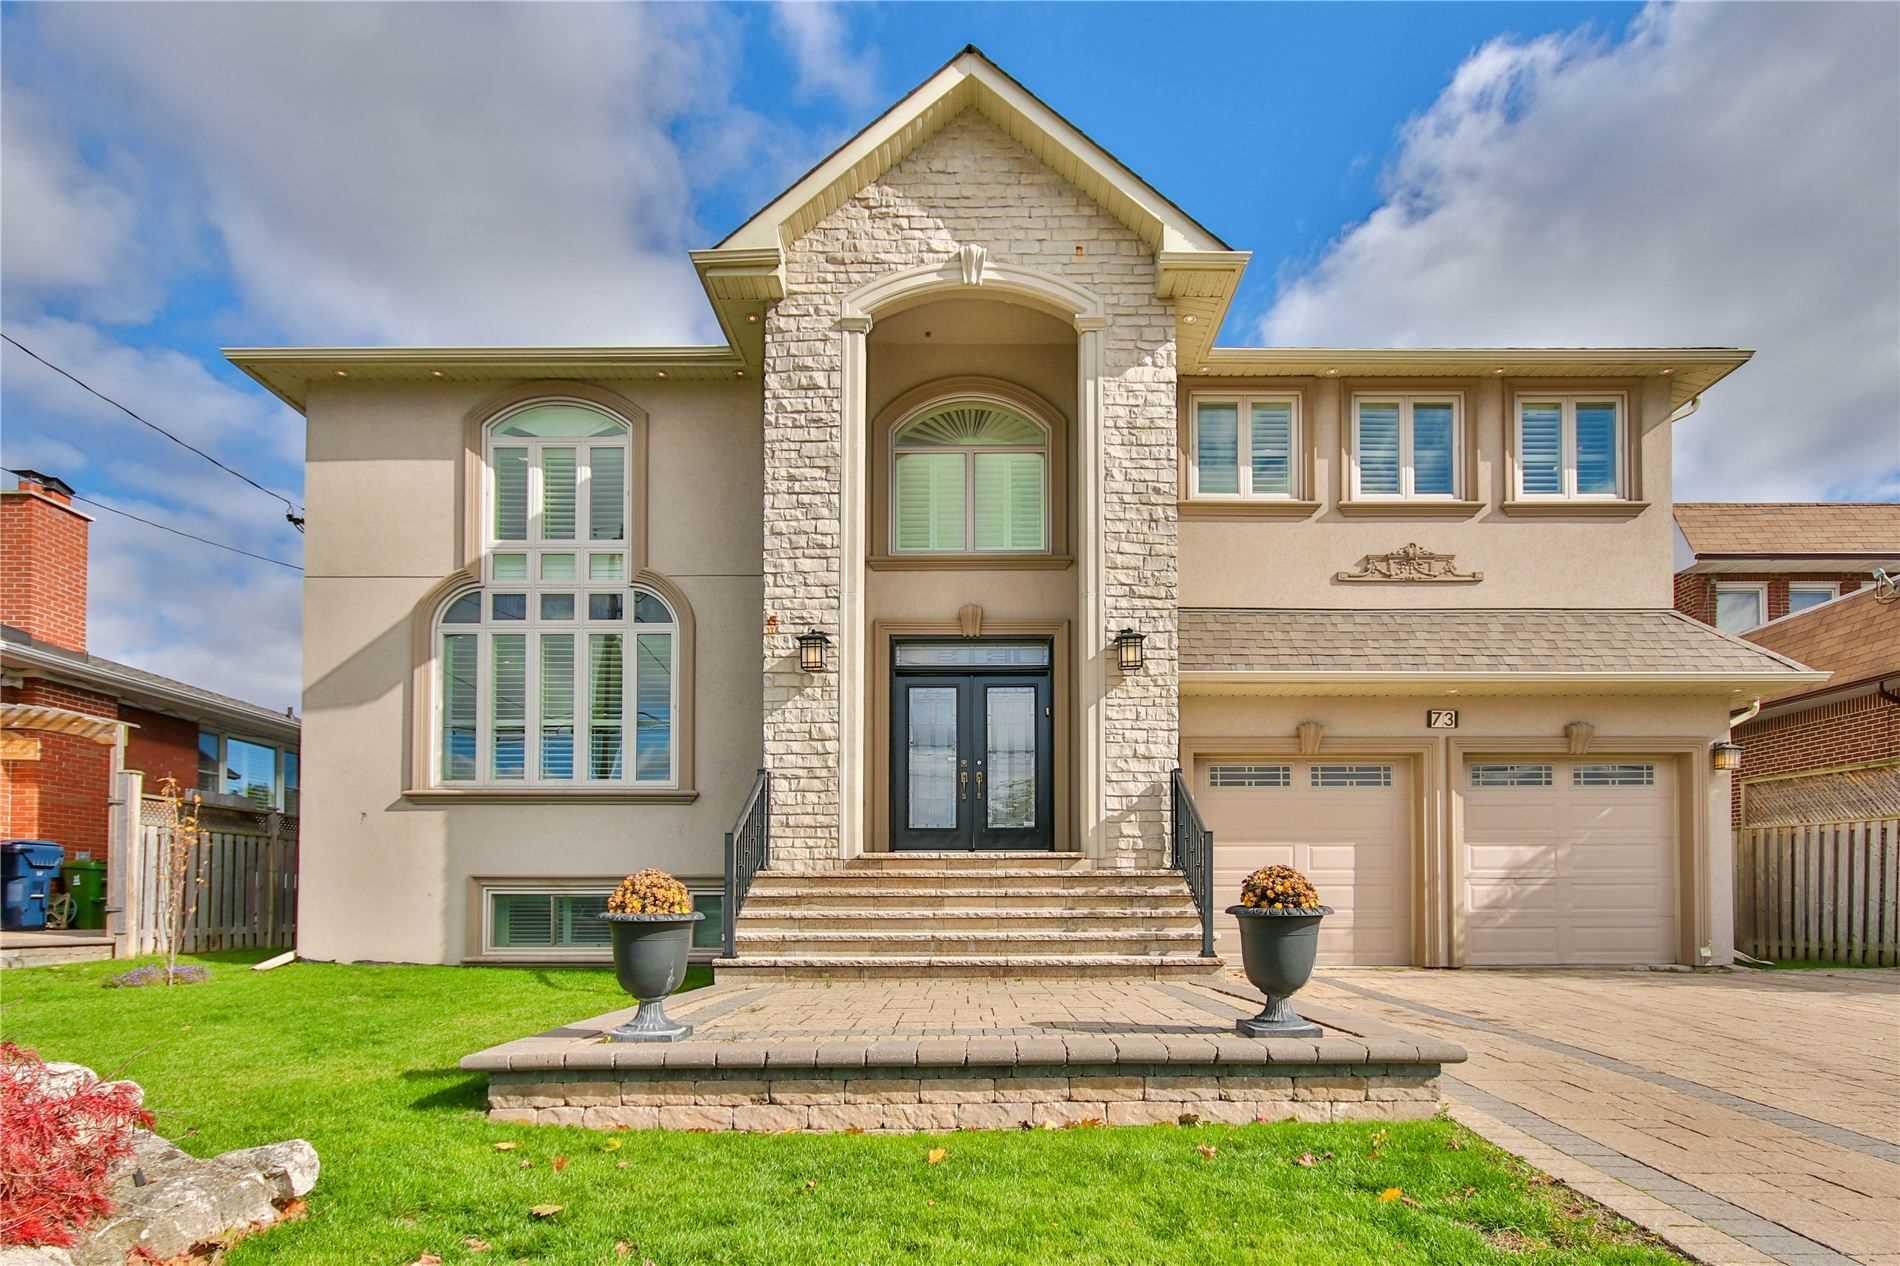 73 Elinor Ave, Toronto, Ontario M1R3H3, 4 Bedrooms Bedrooms, 7 Rooms Rooms,5 BathroomsBathrooms,Detached,For Sale,Elinor,E5169073